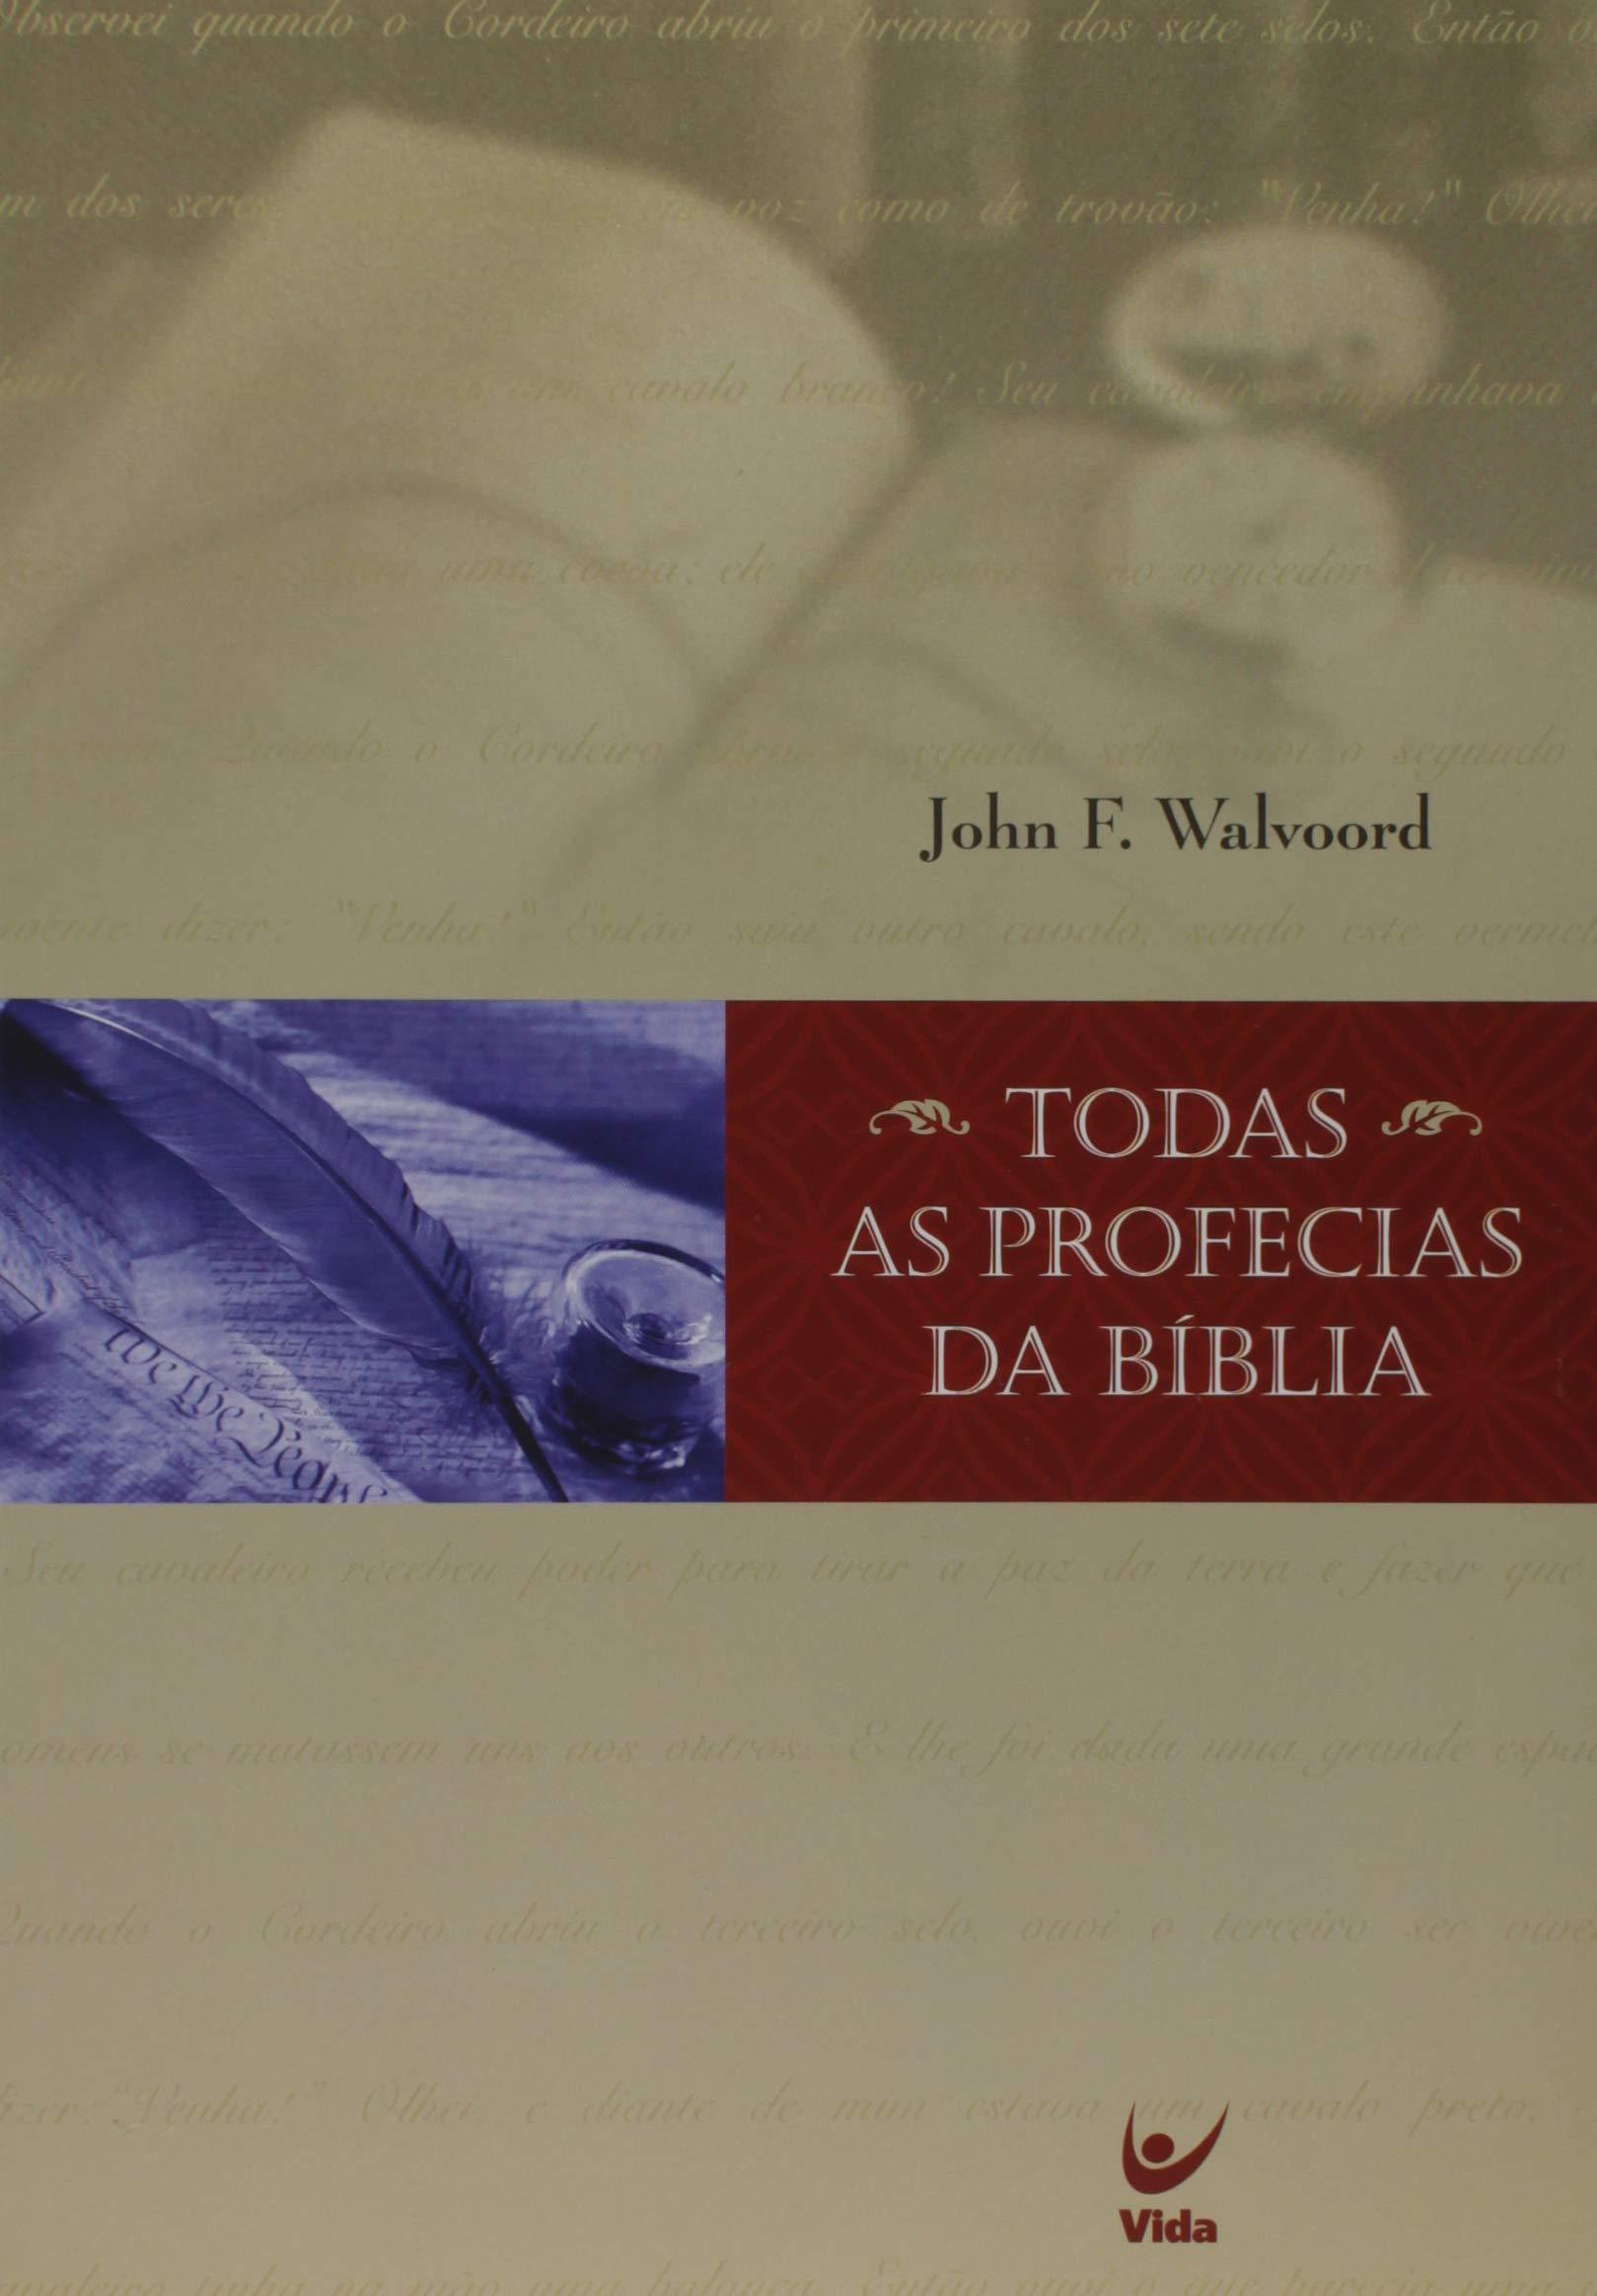 Todas as profecias da Bíblia